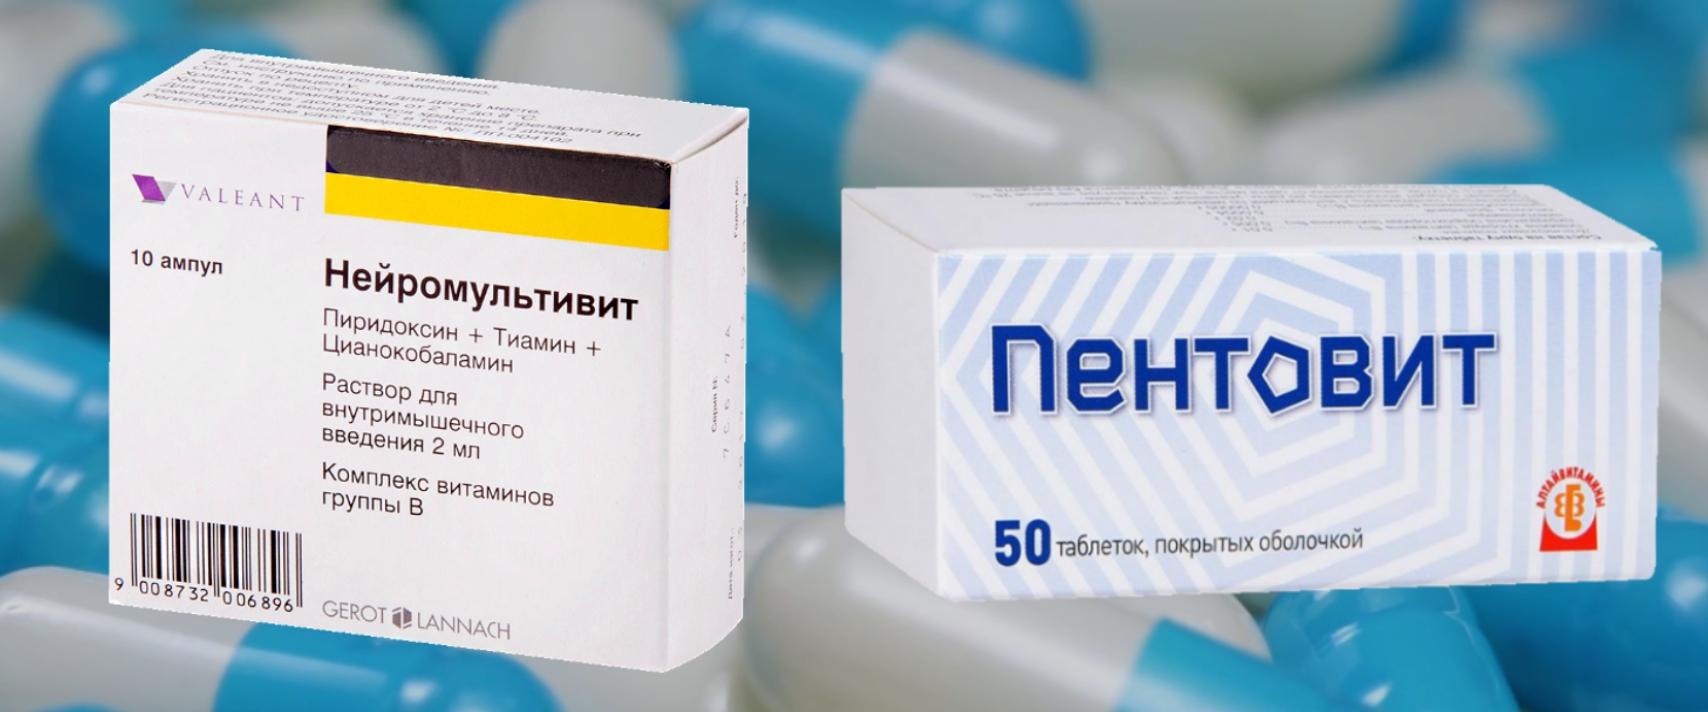 Нейромультивит и Пентовит